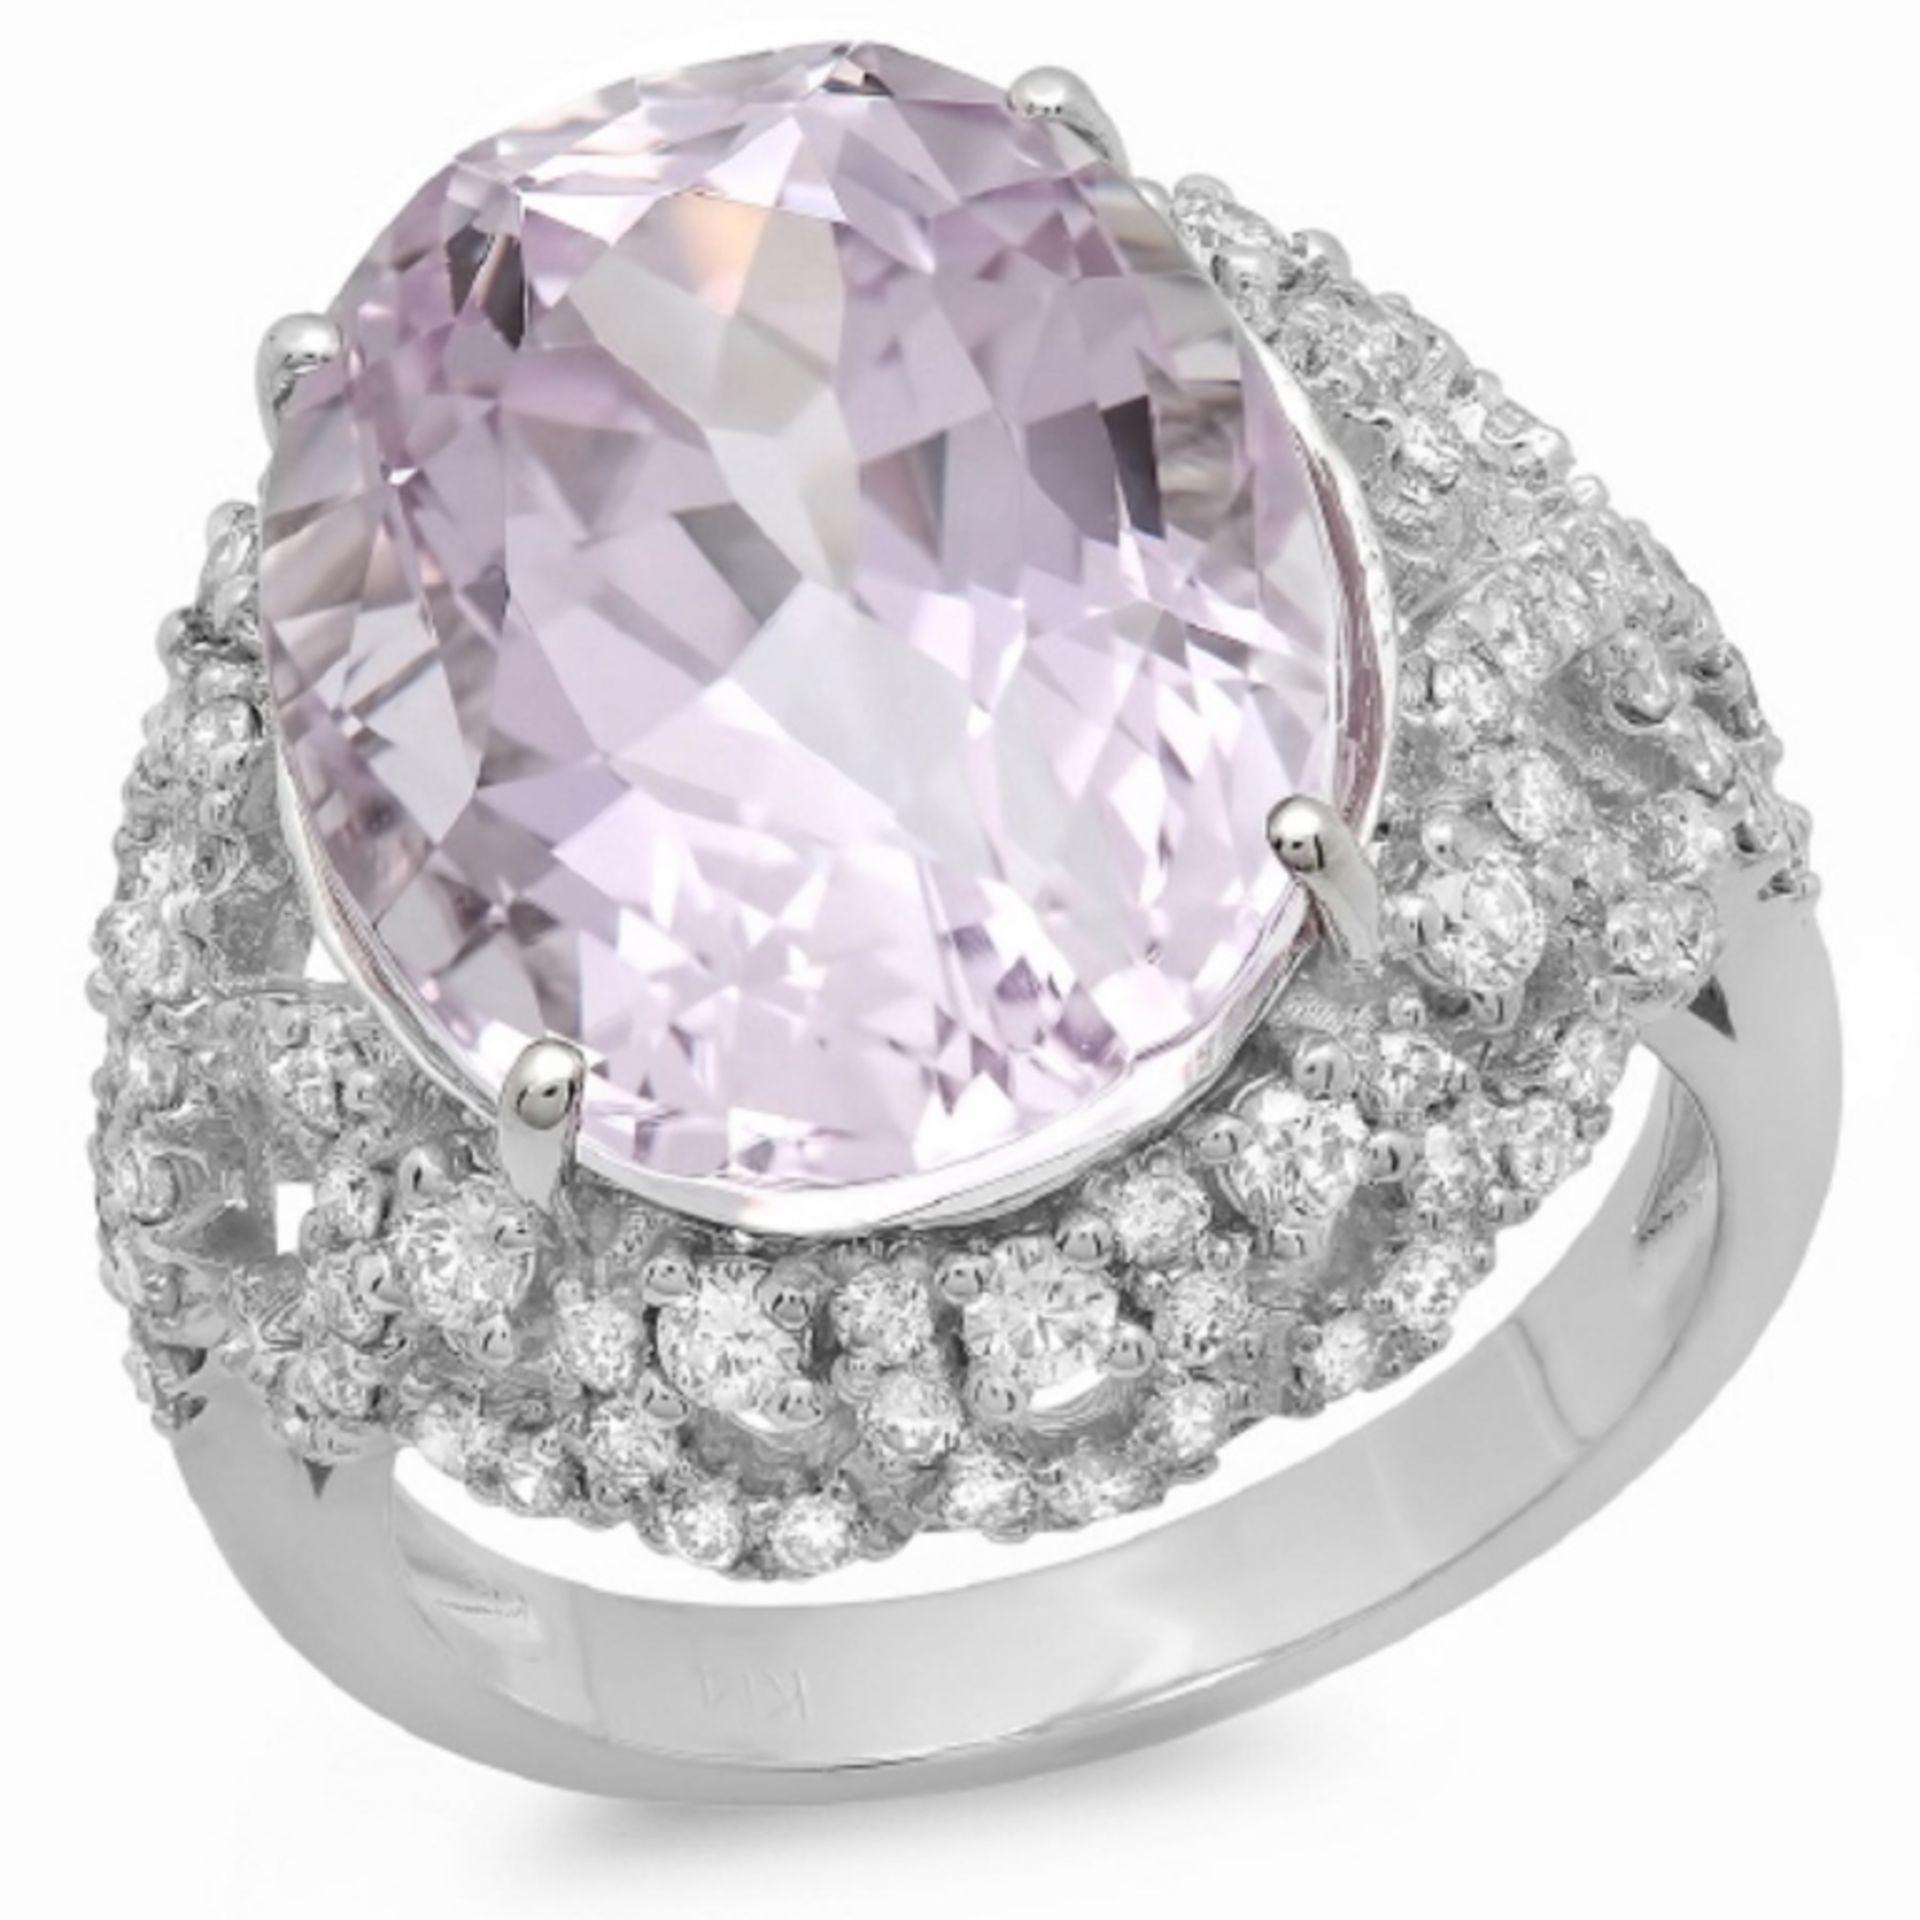 14K Gold 14.50ct Kunzite & 1.00ct Diamond Ring